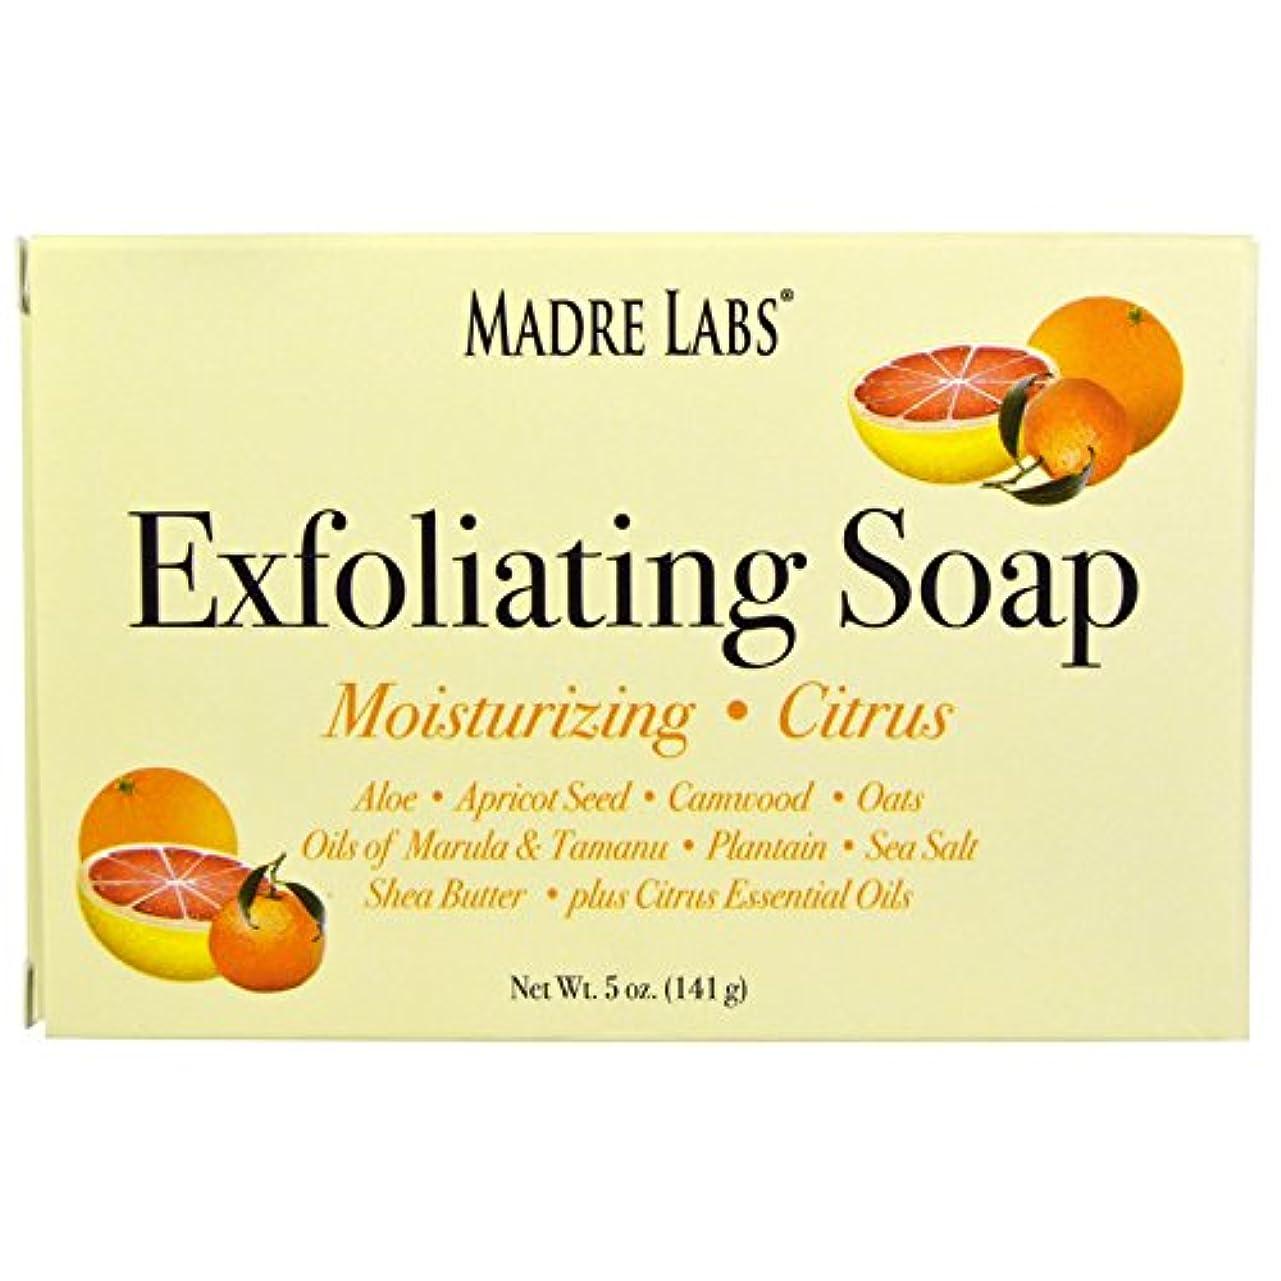 に向かって船上ガウンマドレラブ シアバター入り石鹸 柑橘フレーバー Madre Labs Exfoliating Soap Bar with Marula & Tamanu Oils plus Shea Butter